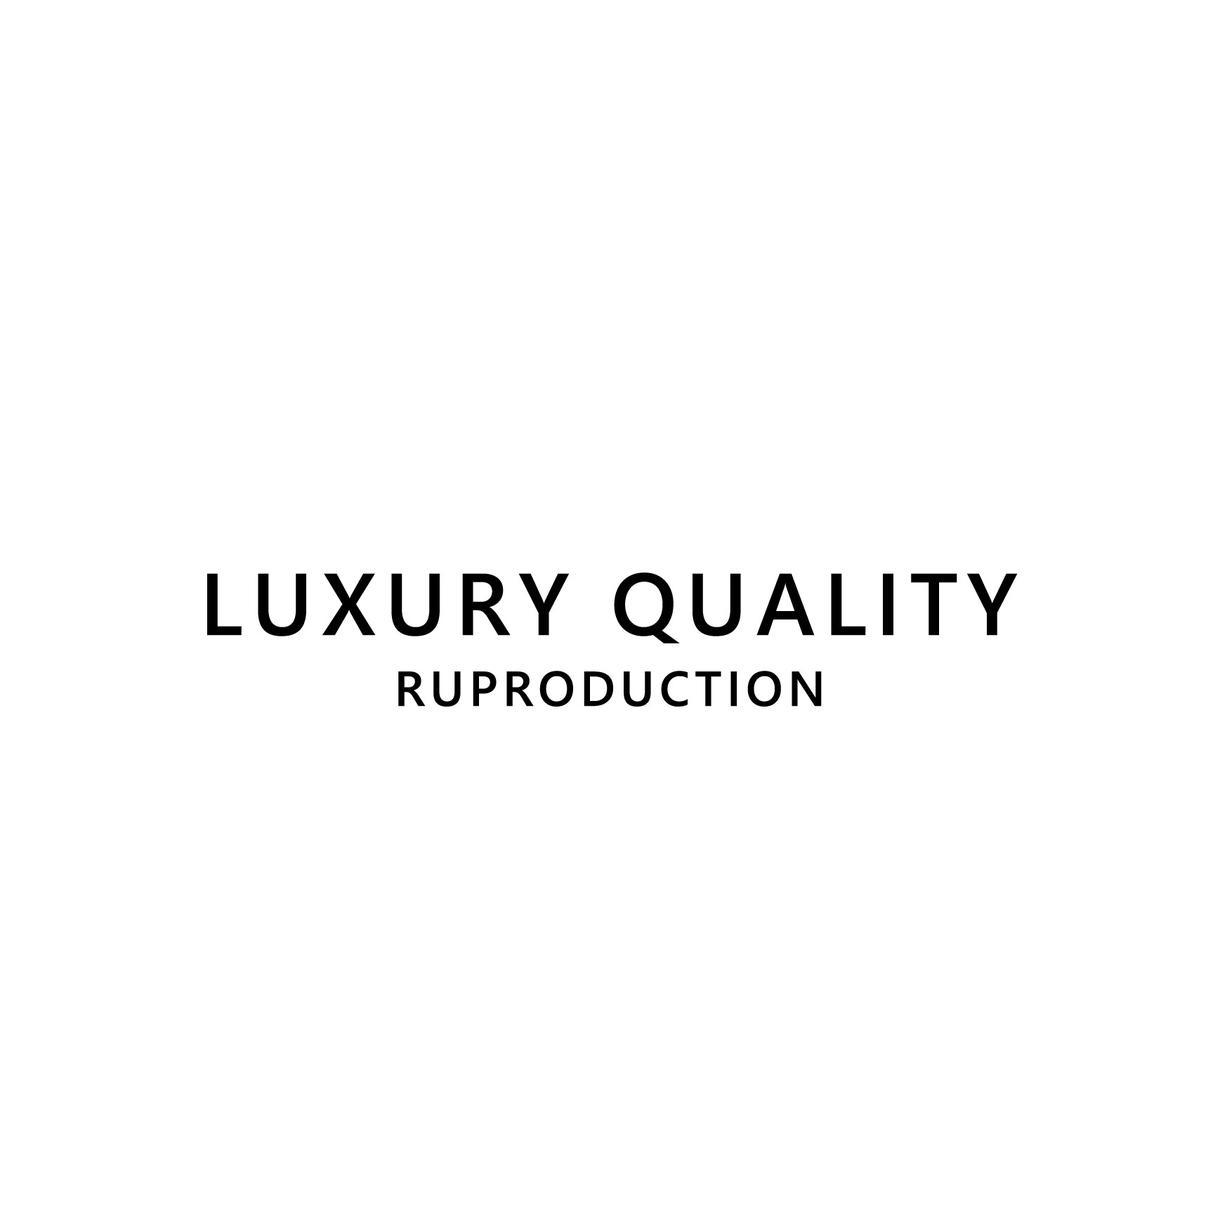 高級感のあるロゴを高校生起業家がおつくりします ブランド名や会社のモットーなどを美しく、上品に魅せます。